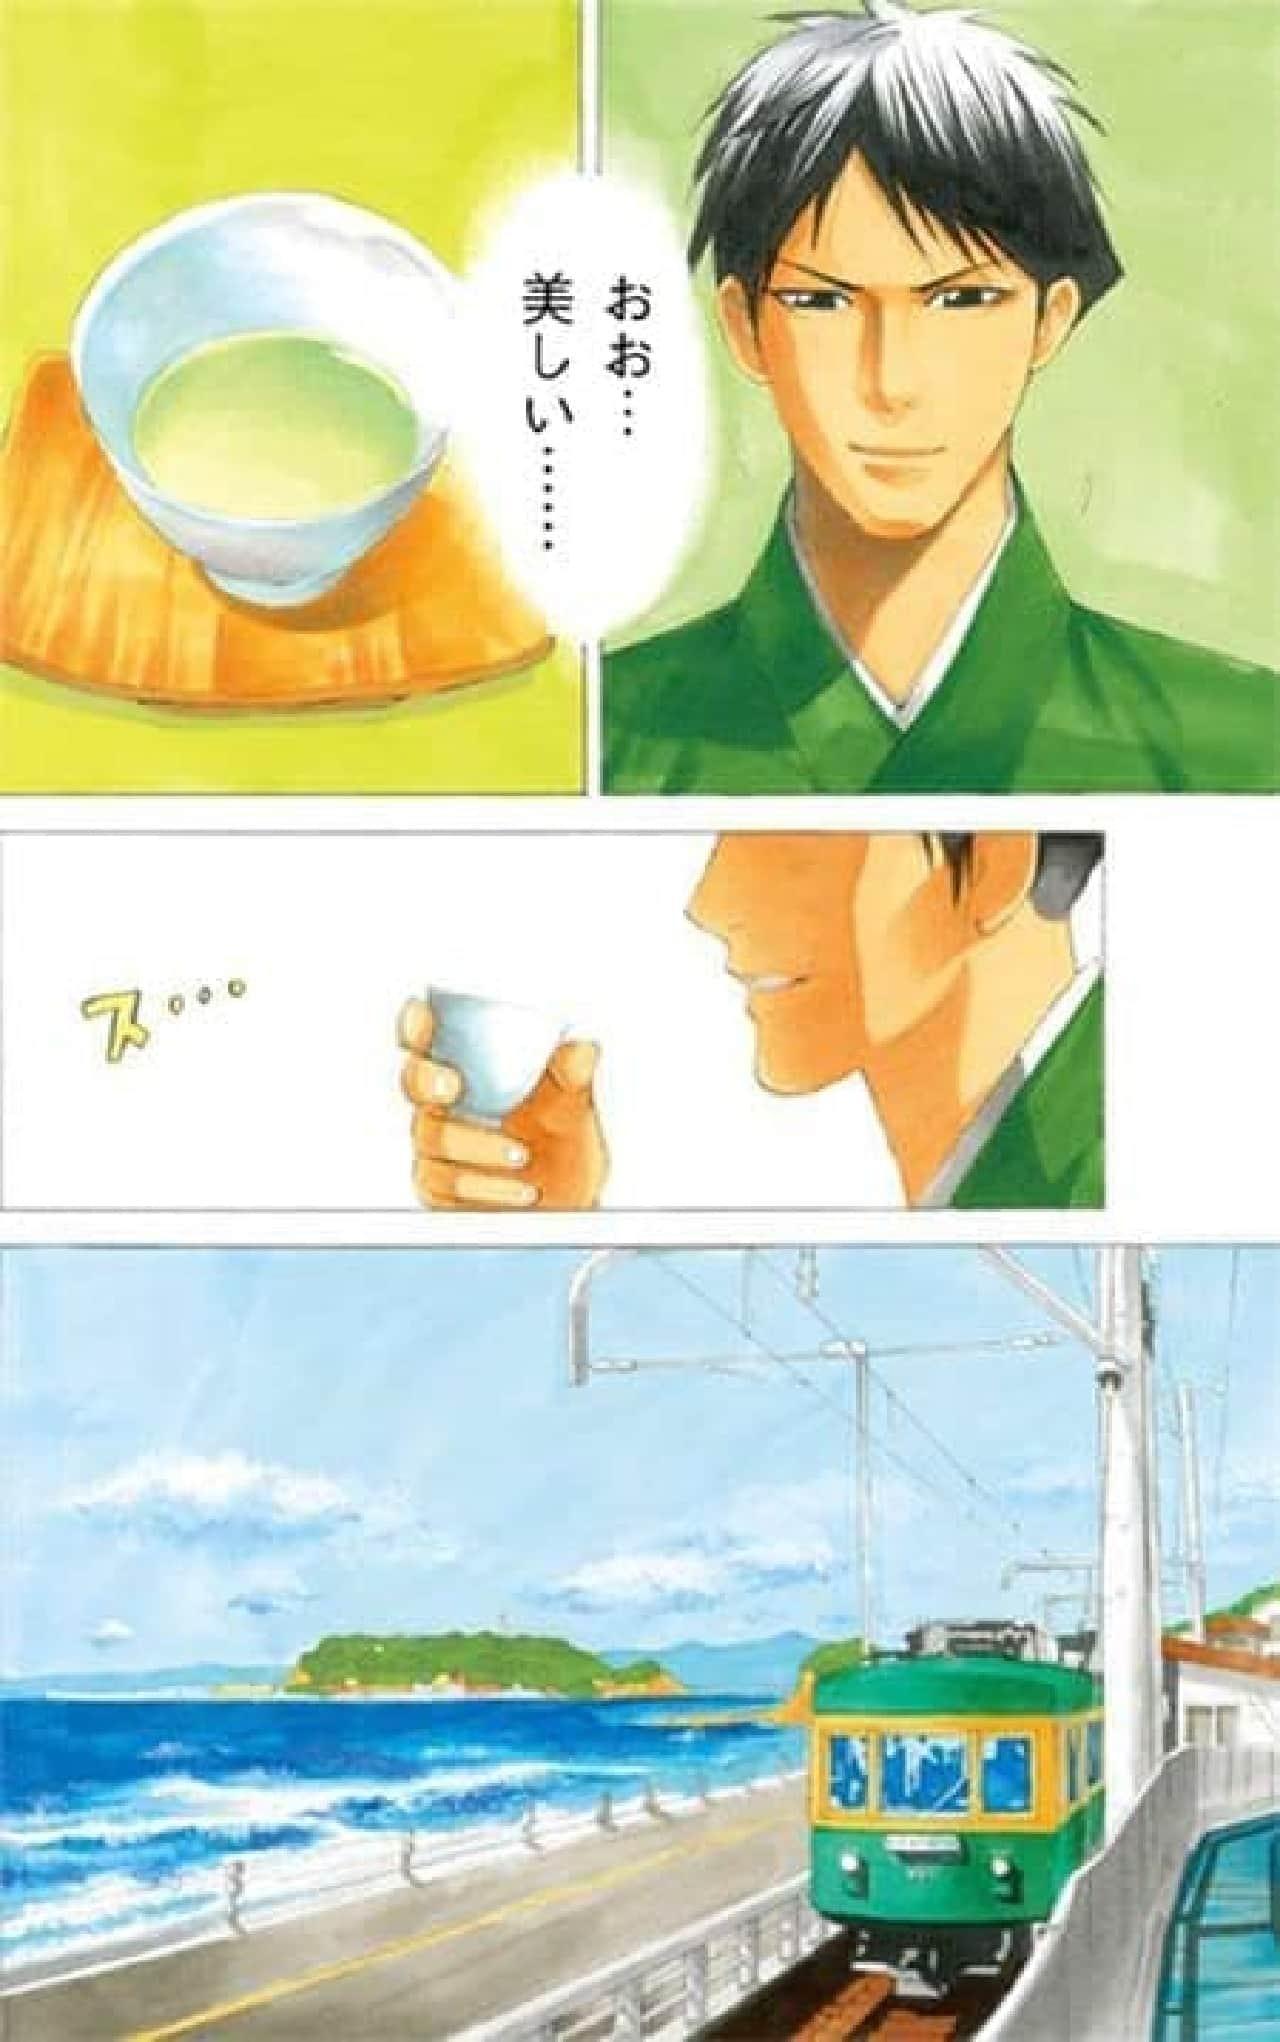 日本茶専門喫茶店を舞台にストーリーが進んでいく